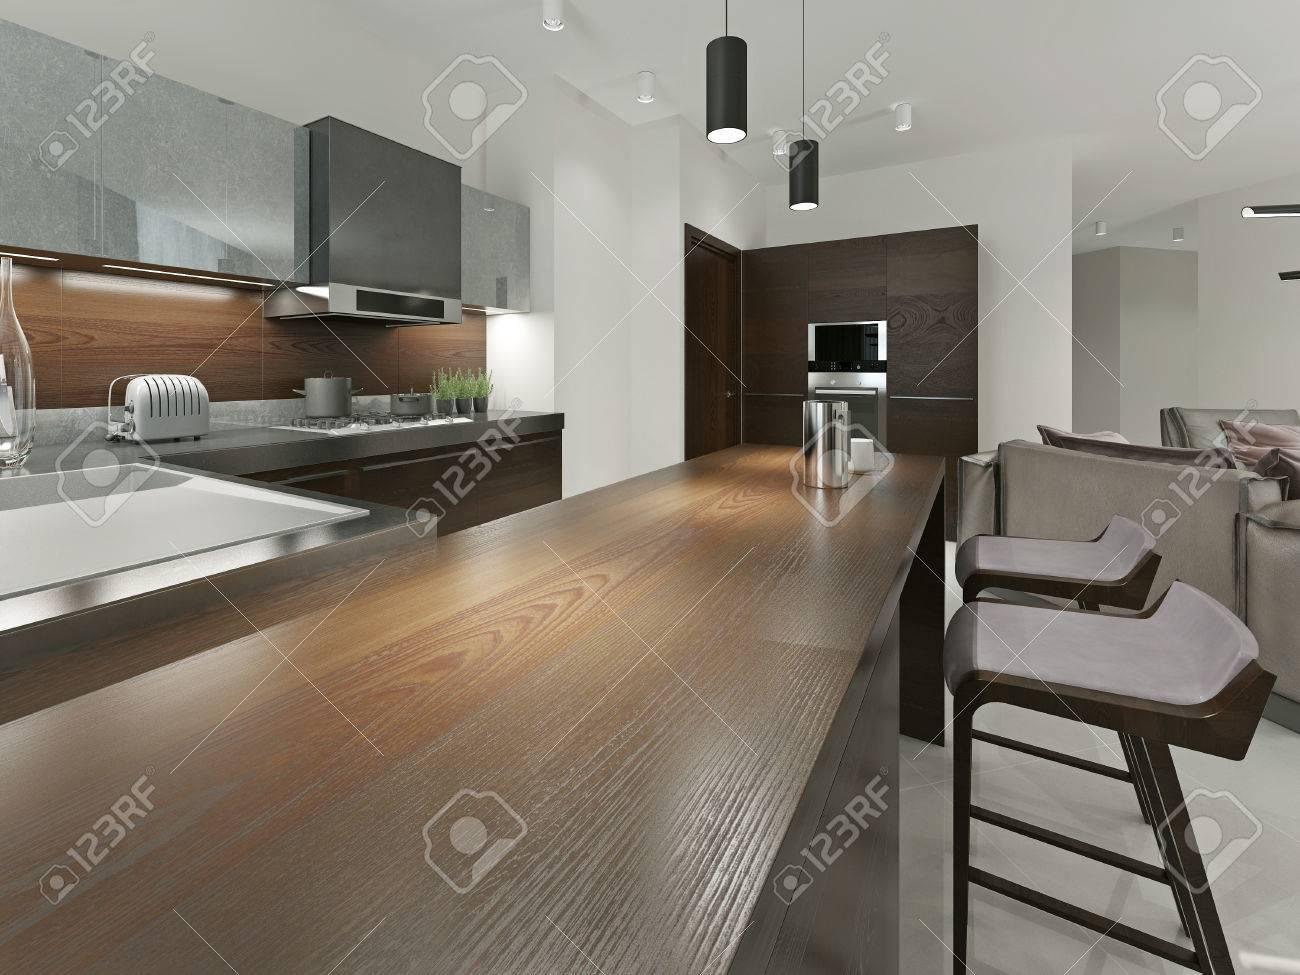 3d Fußboden Küche ~ Inter moderne küche mit bar und barhockern. küchenmöbel holz mit